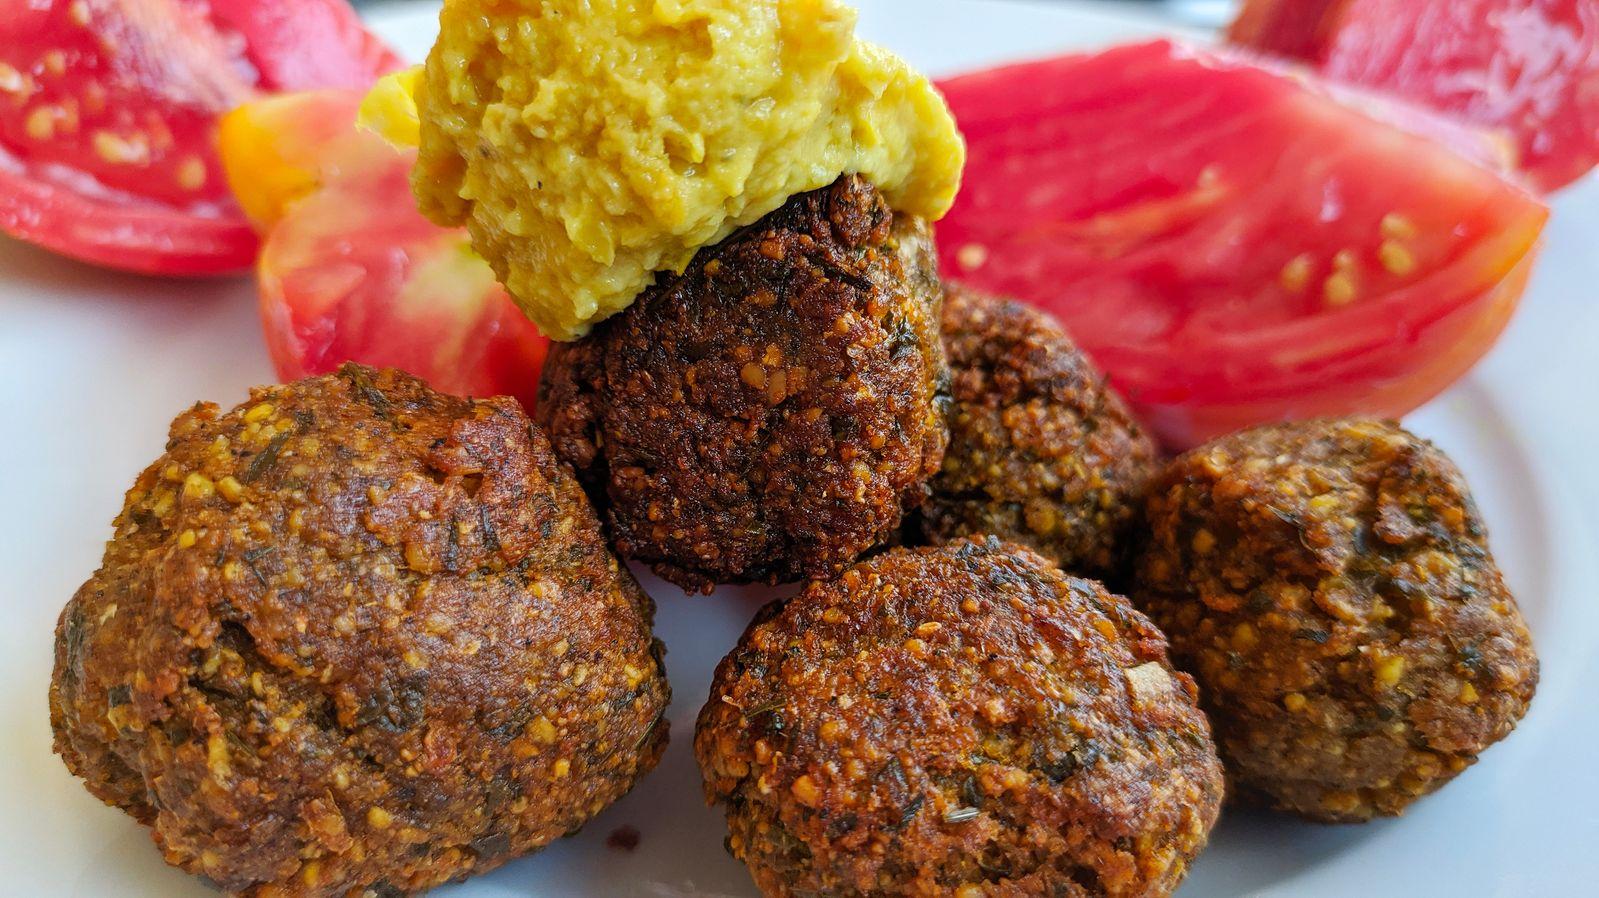 Falafel – bliskoistočna hrana popularna među veganima